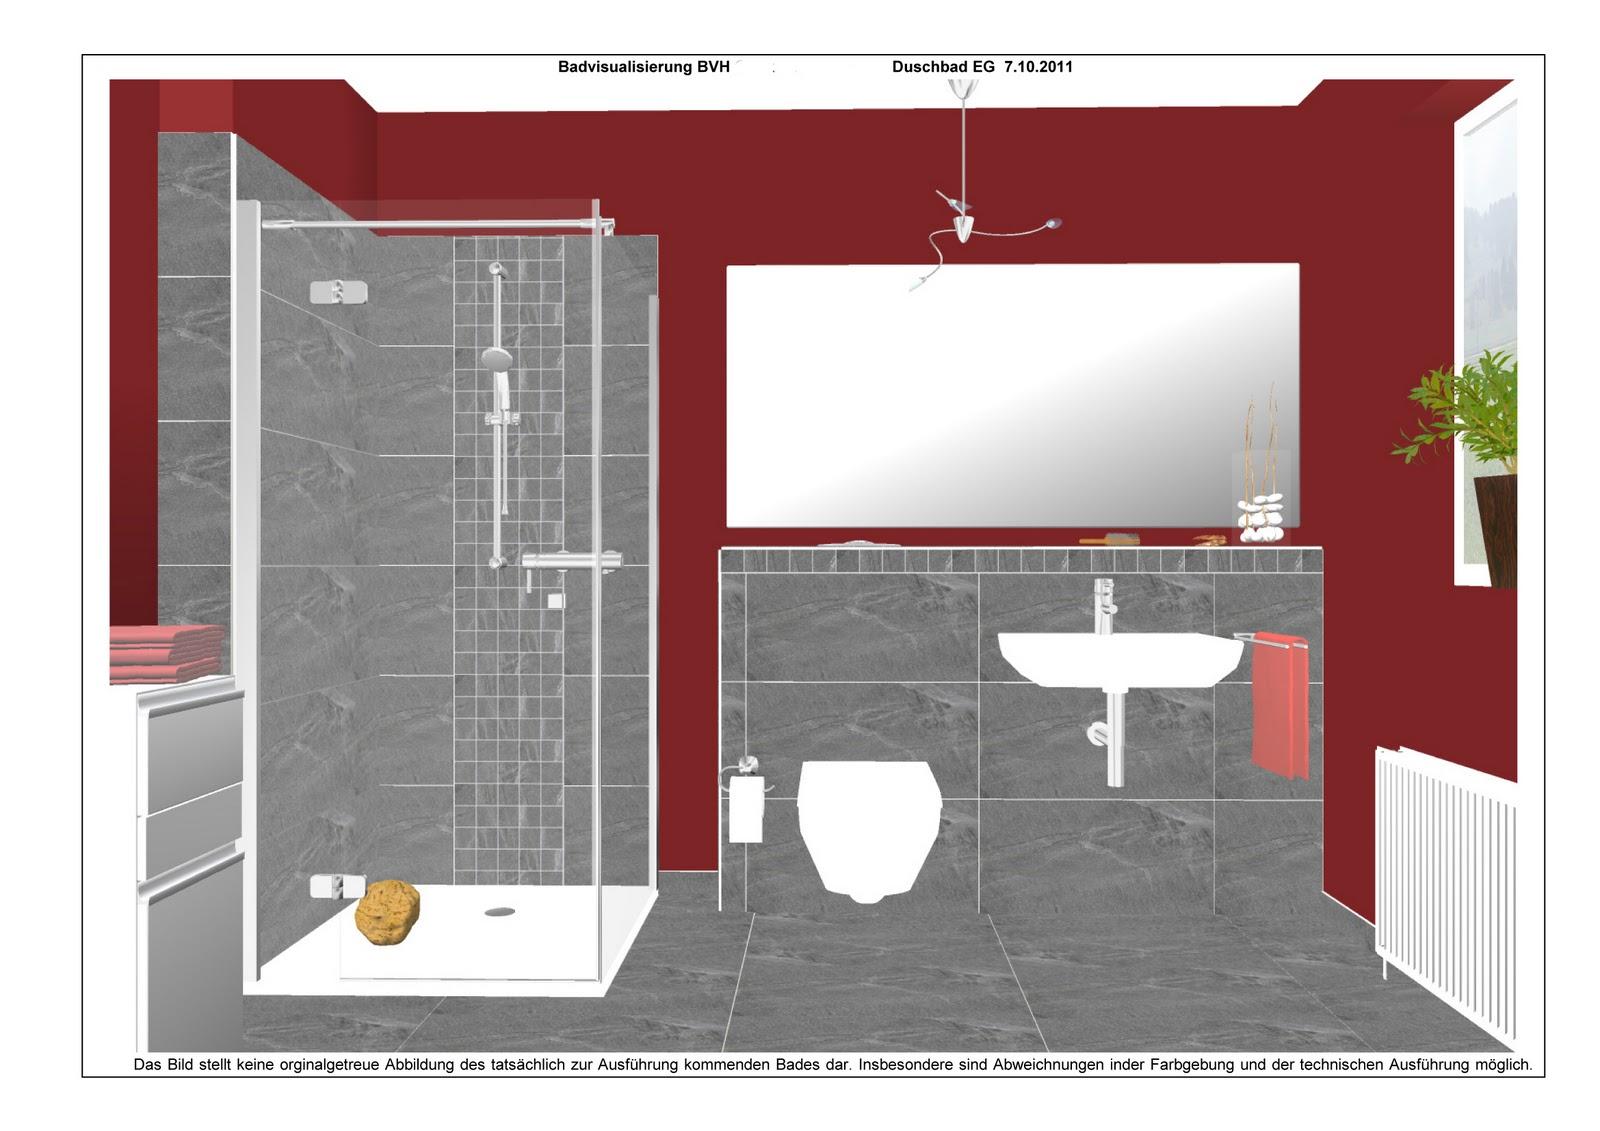 Bautagebuch zu unserem traumhaus jette joop europe for Duschbad ideen